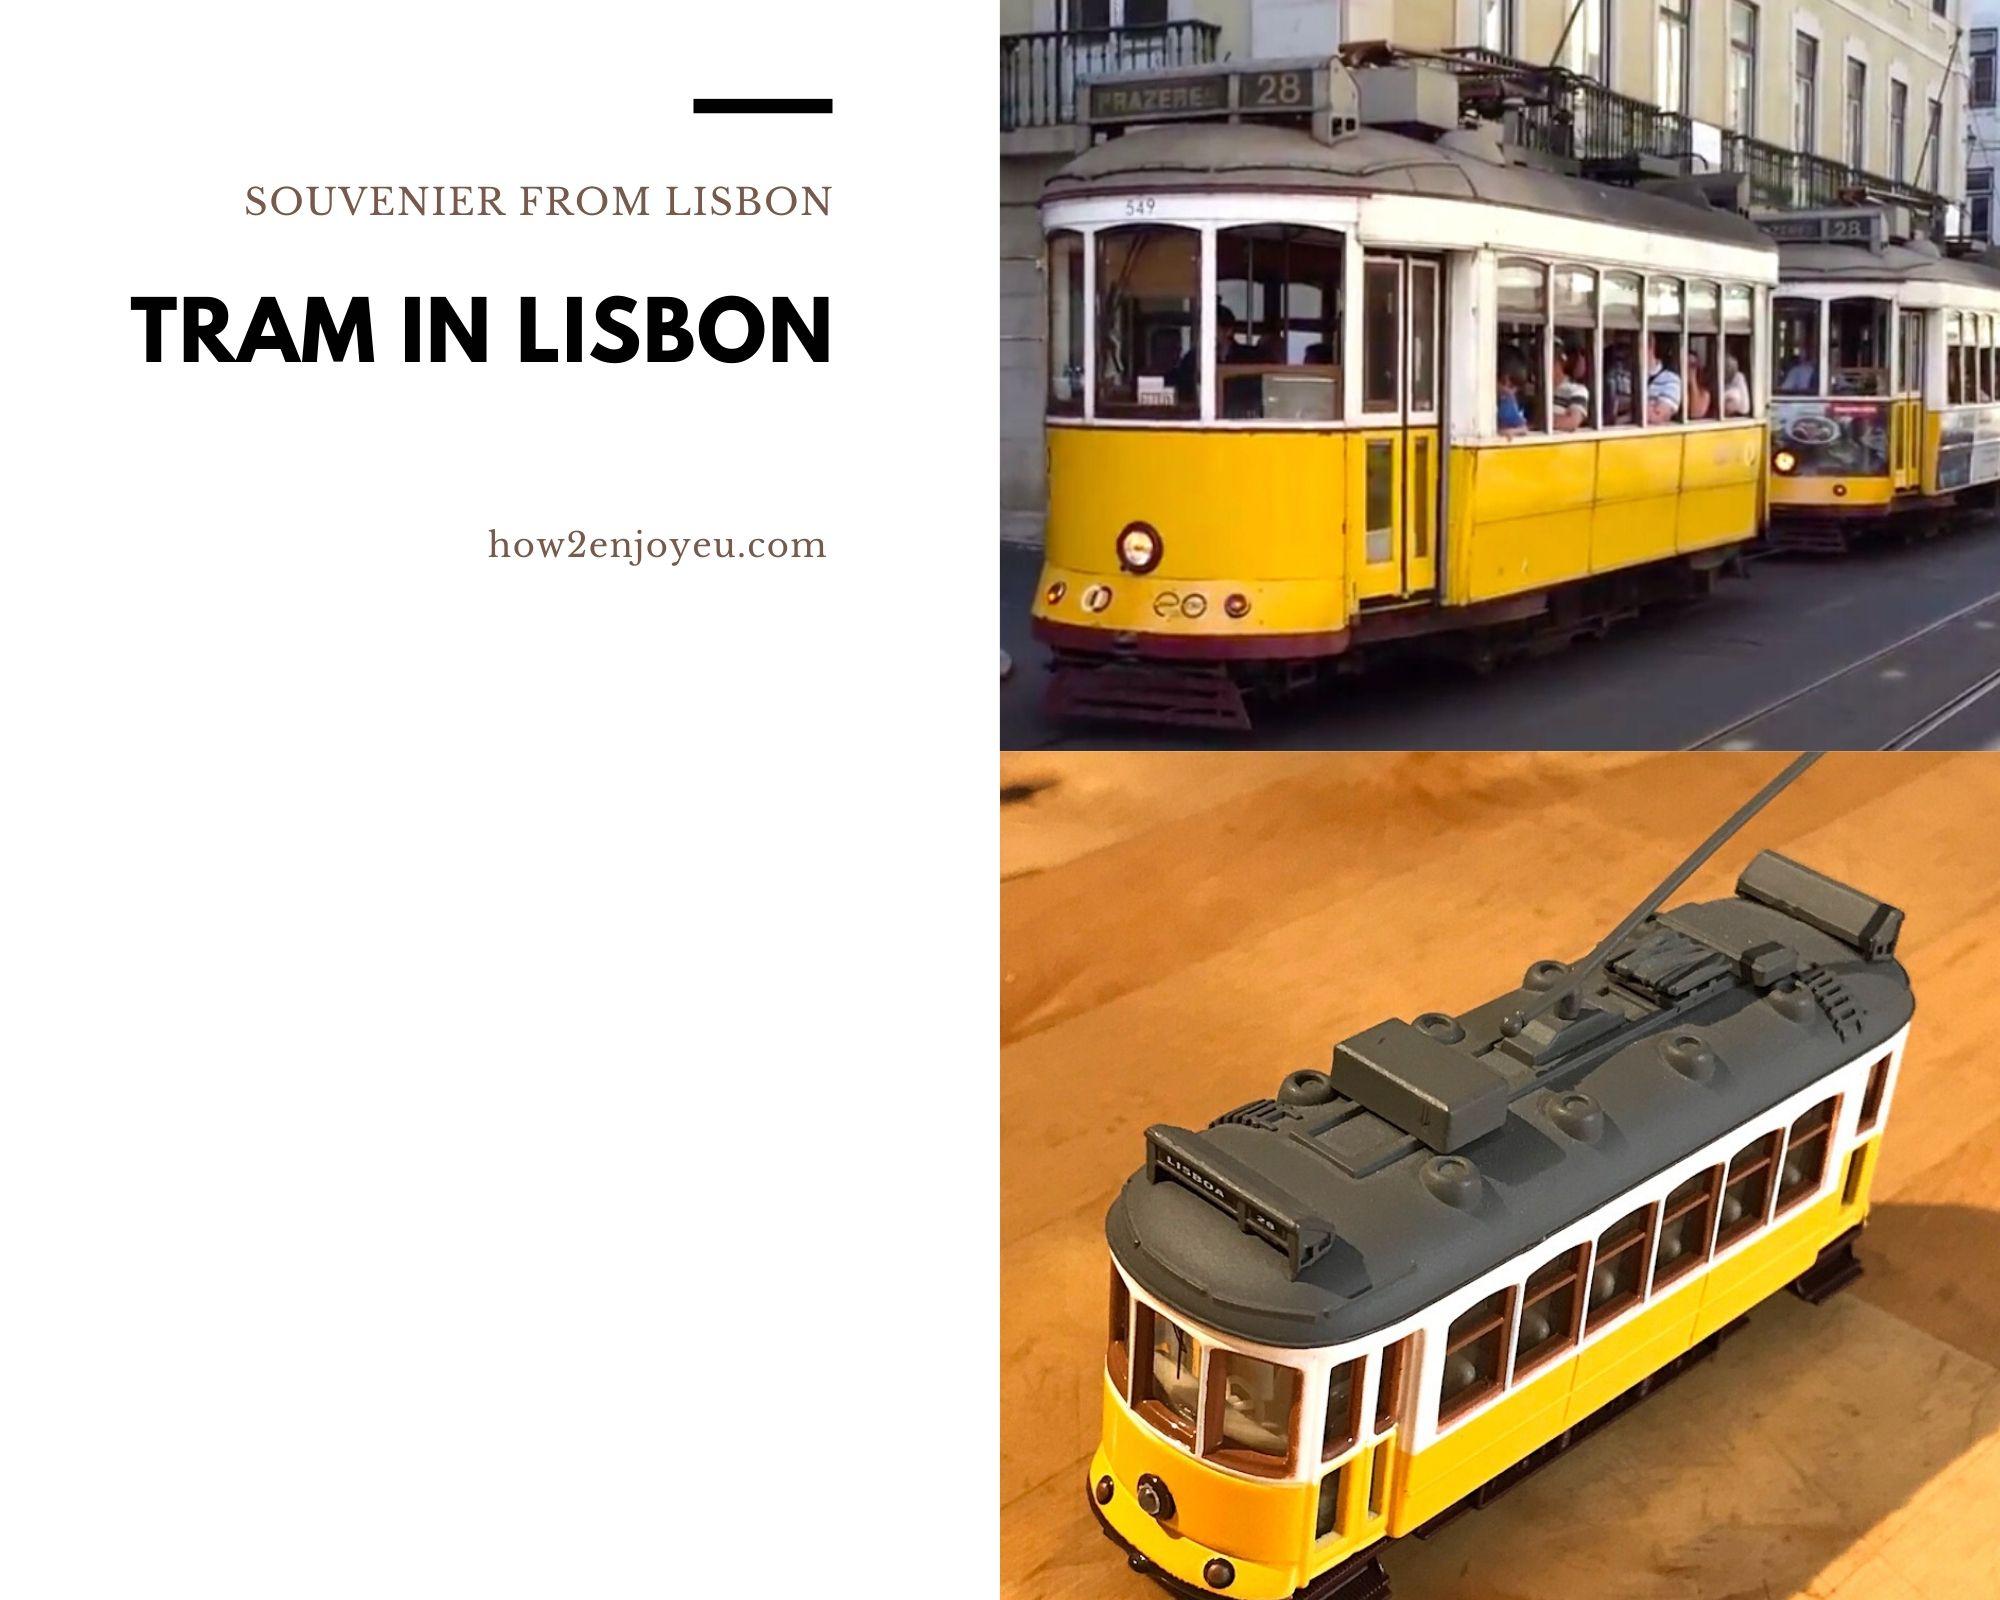 ポルトガル、リスボンで子供が選んだお土産は【28番のトラム】のオモチャ